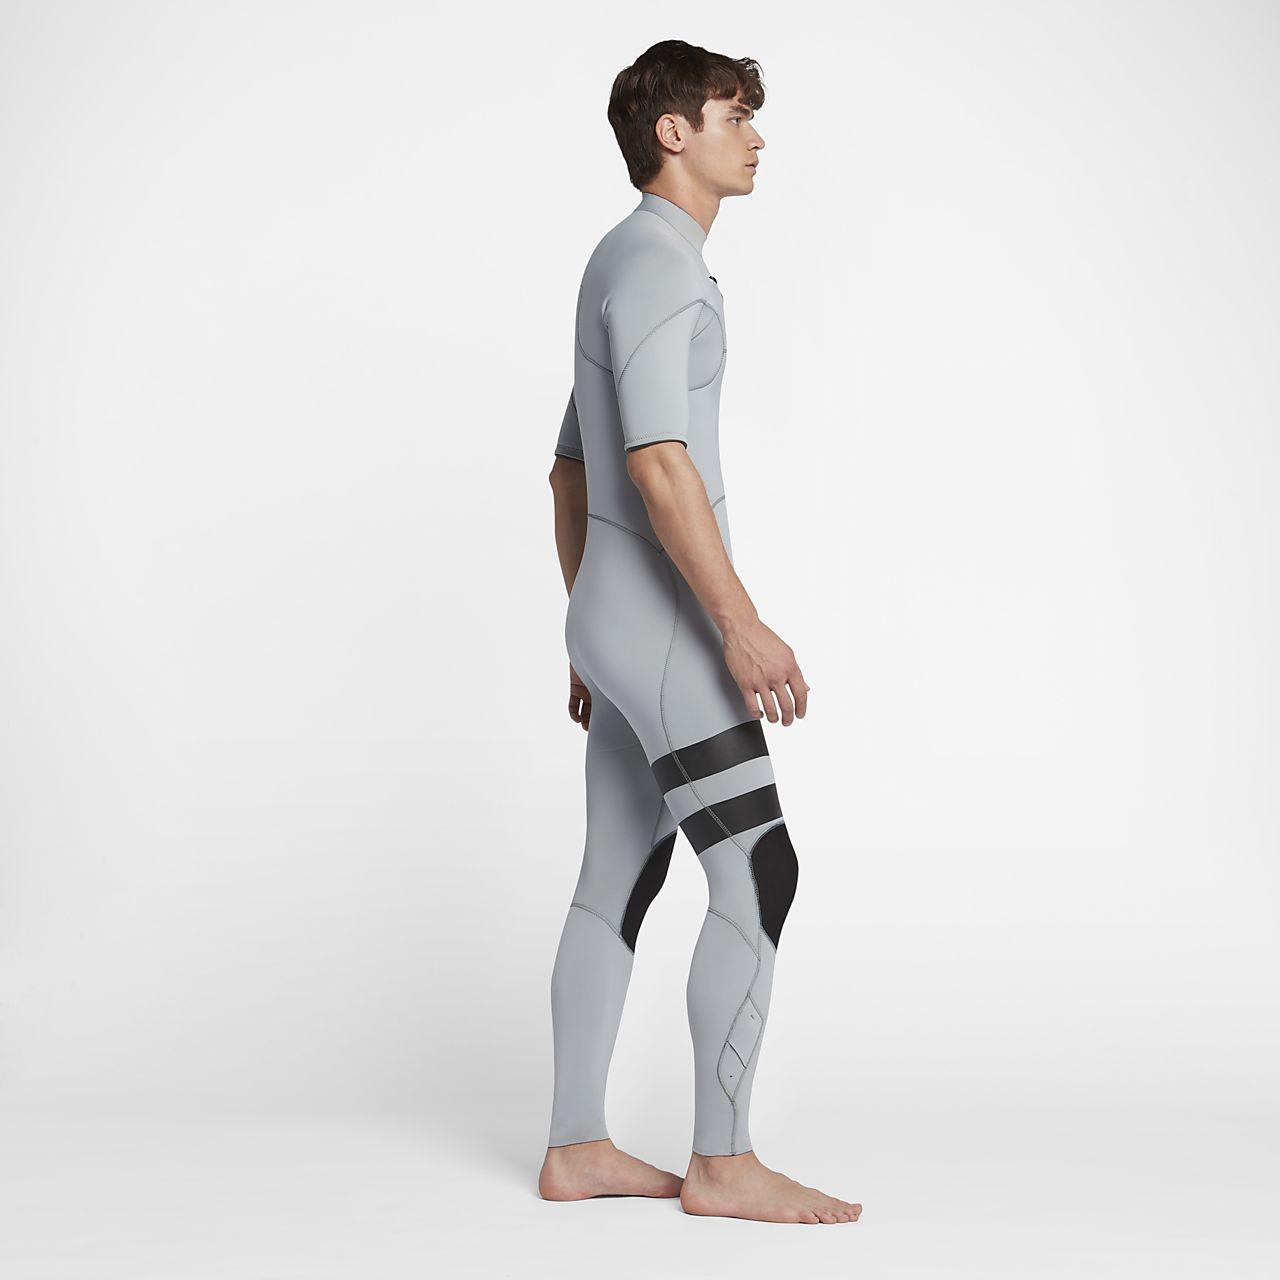 a98446fae9 ... Hurley Advantage Plus 2/2mm Fullsuit rövid ujjú férfi vízhatlan ruha